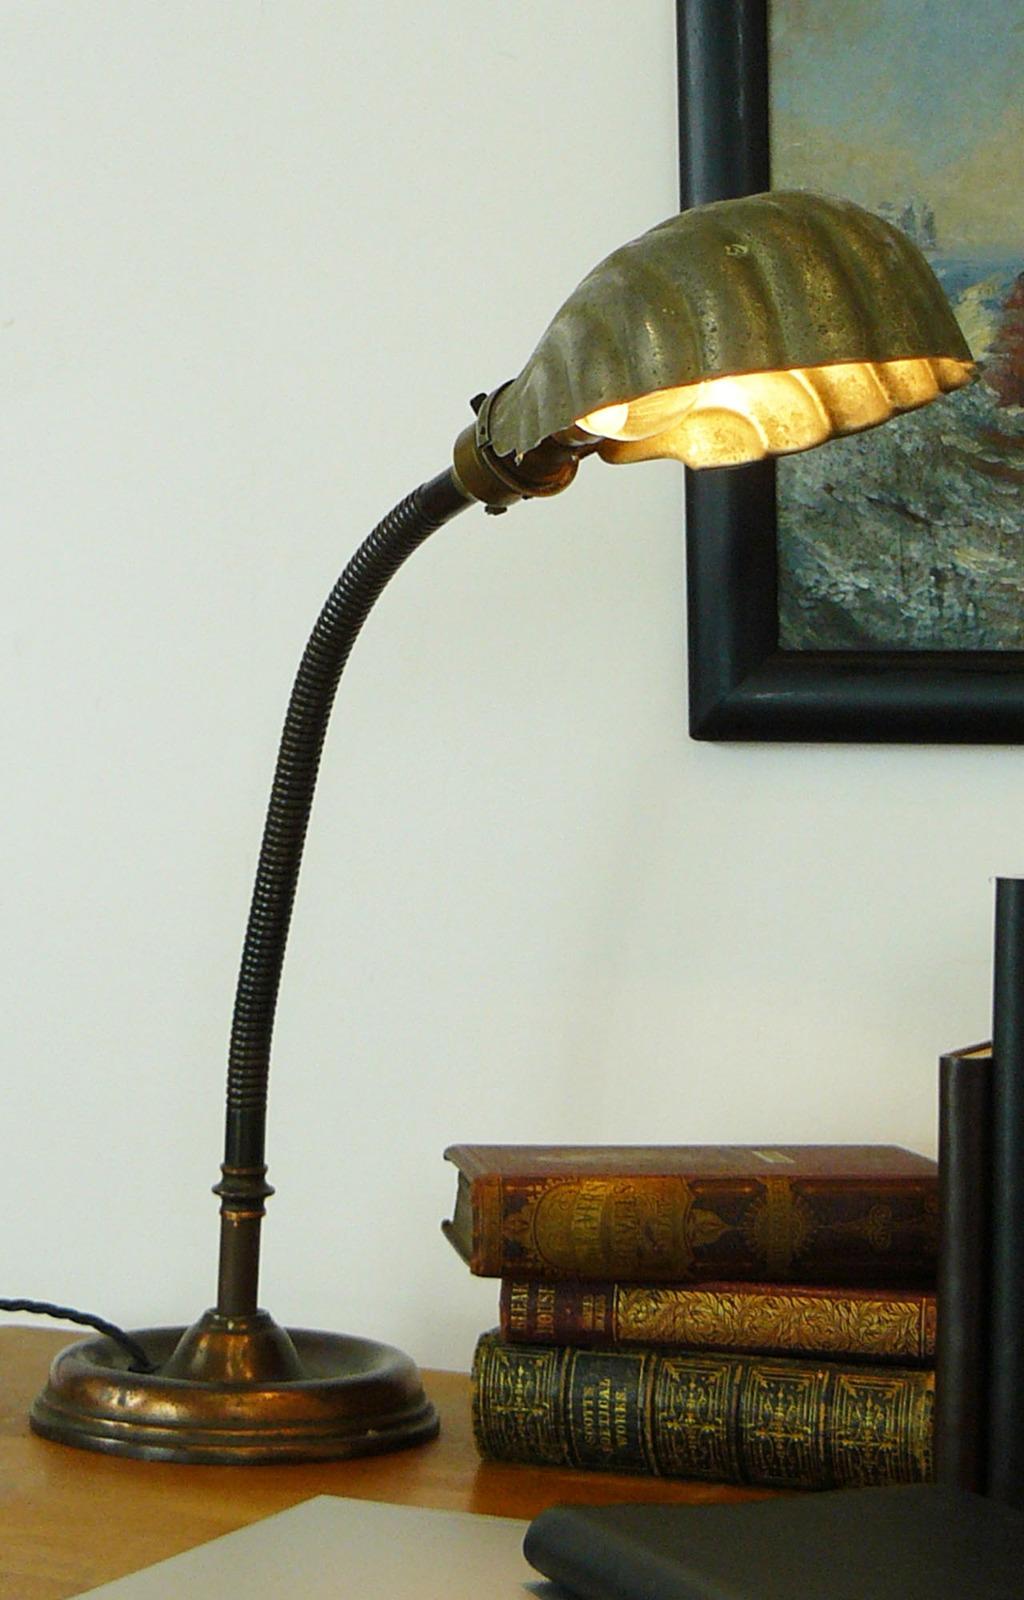 Antique Copper Based Goose Neck Shell Shade Desk Lamp C 1915 La192568 Loveantiques Com